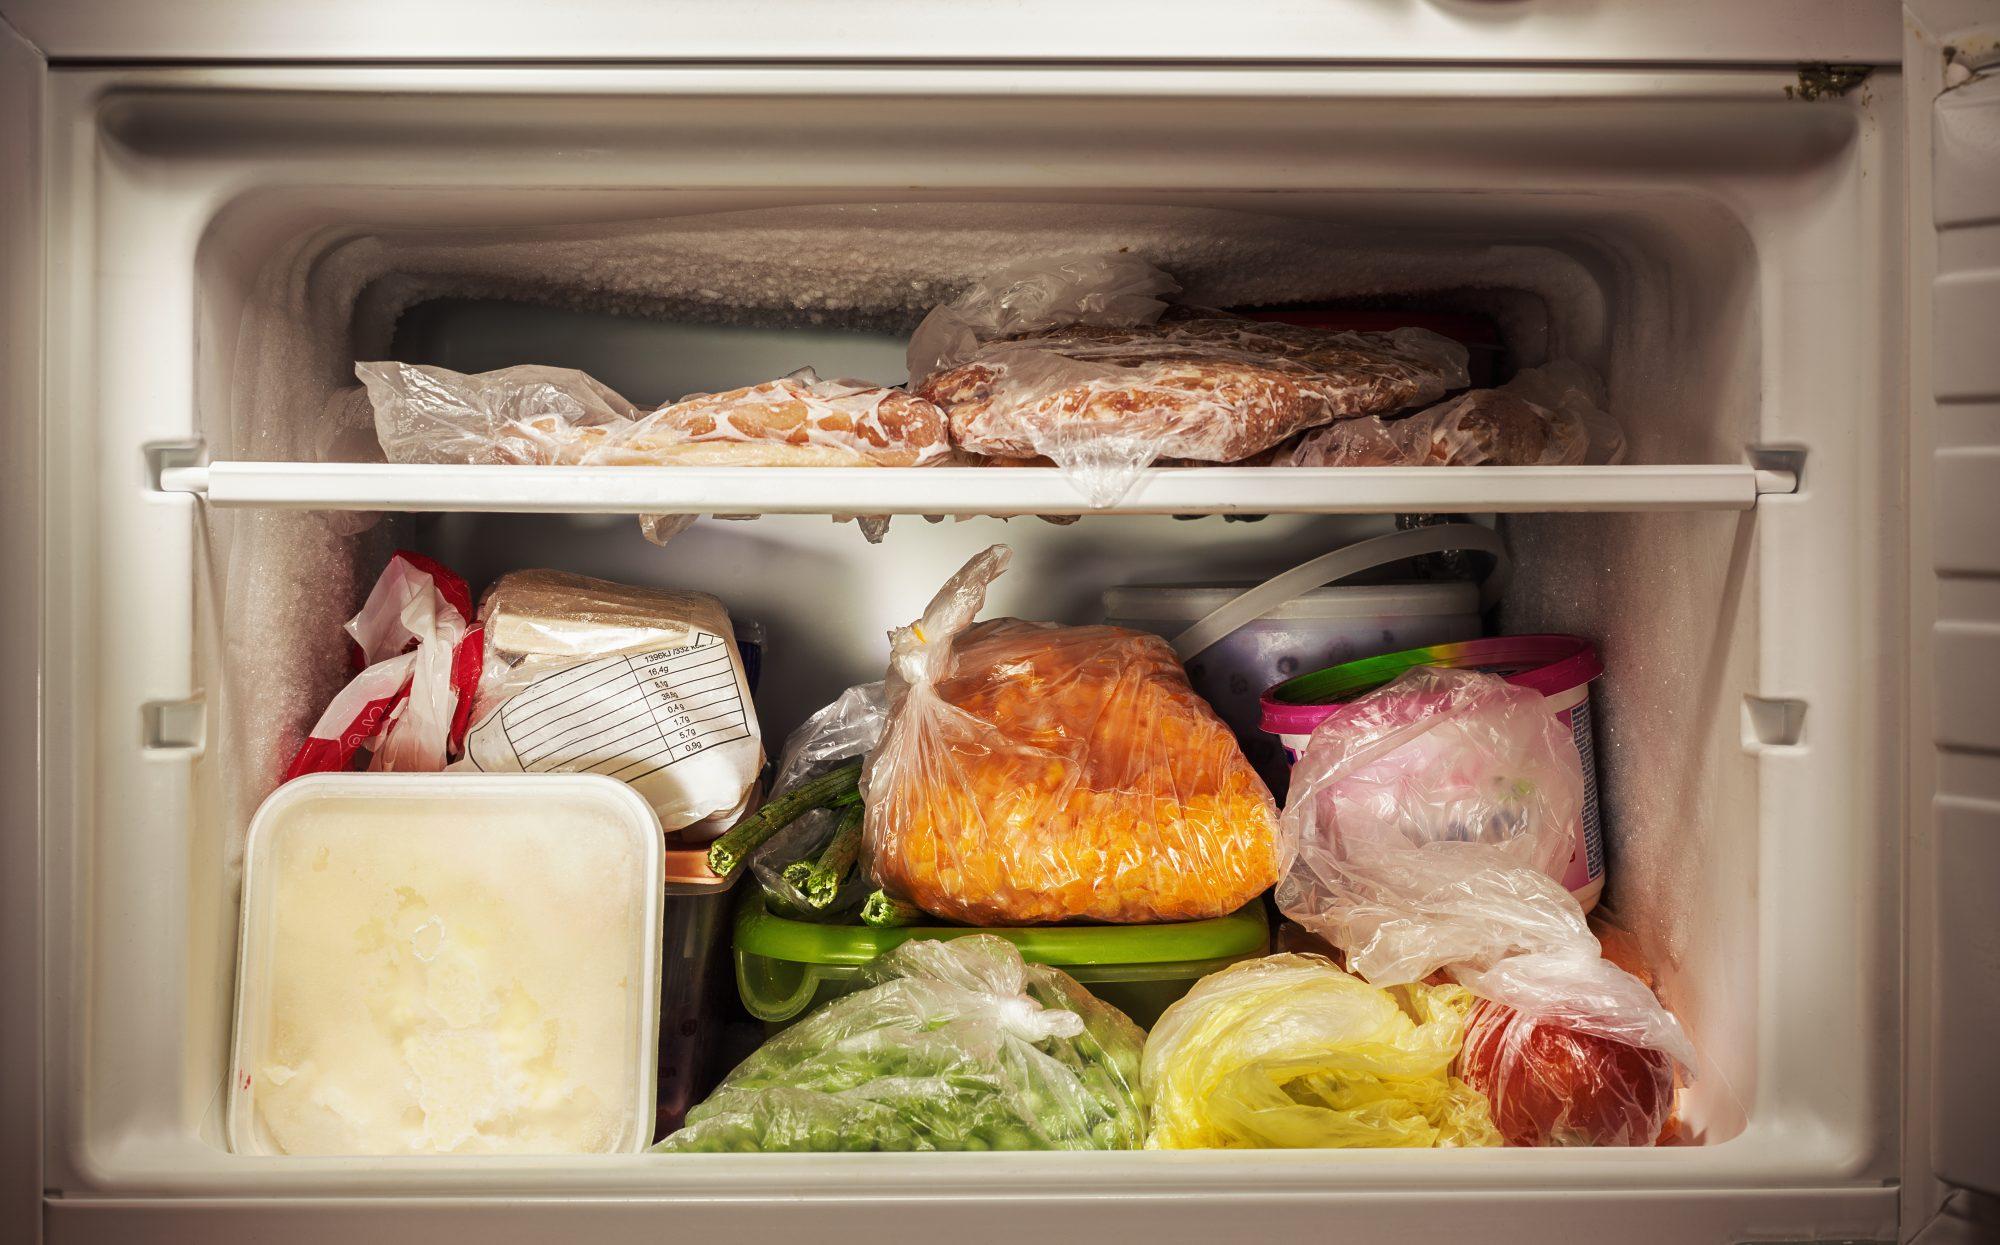 getty freezer 012919